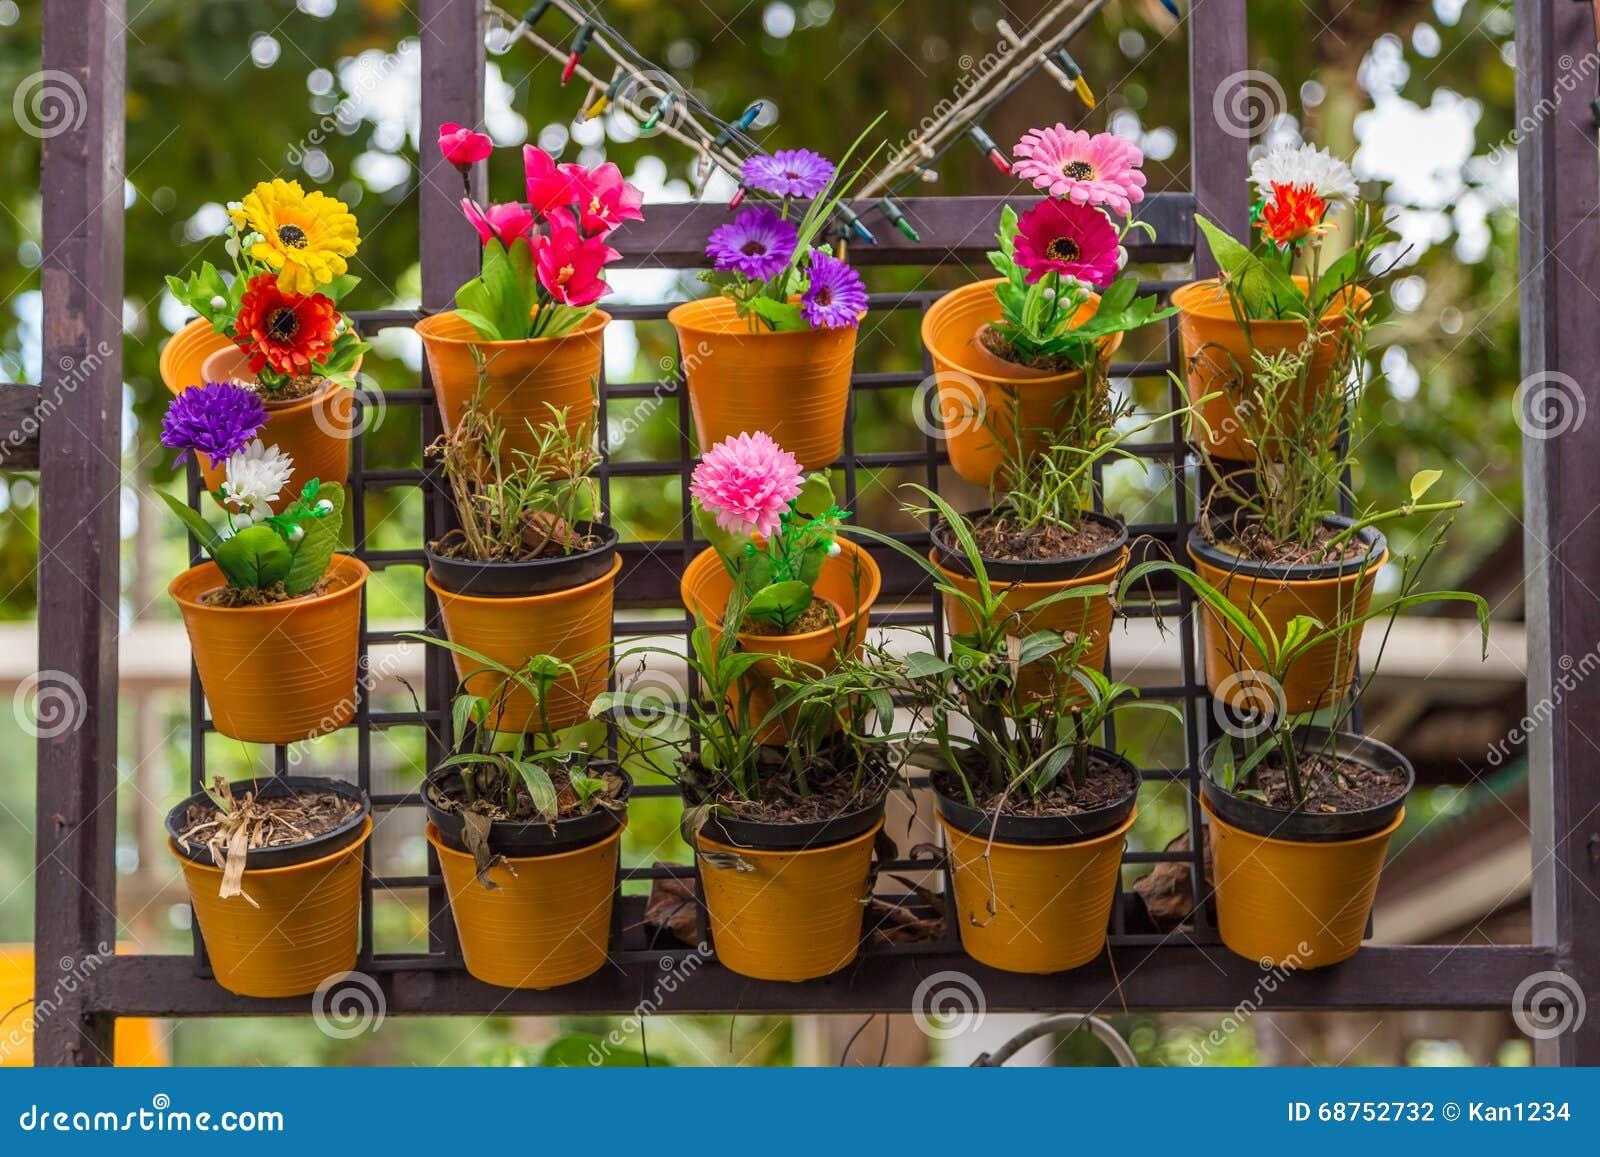 Flores coloridas en macetas de la pared foto de archivo imagen de casa urbano 68752732 - Macetas en la pared ...